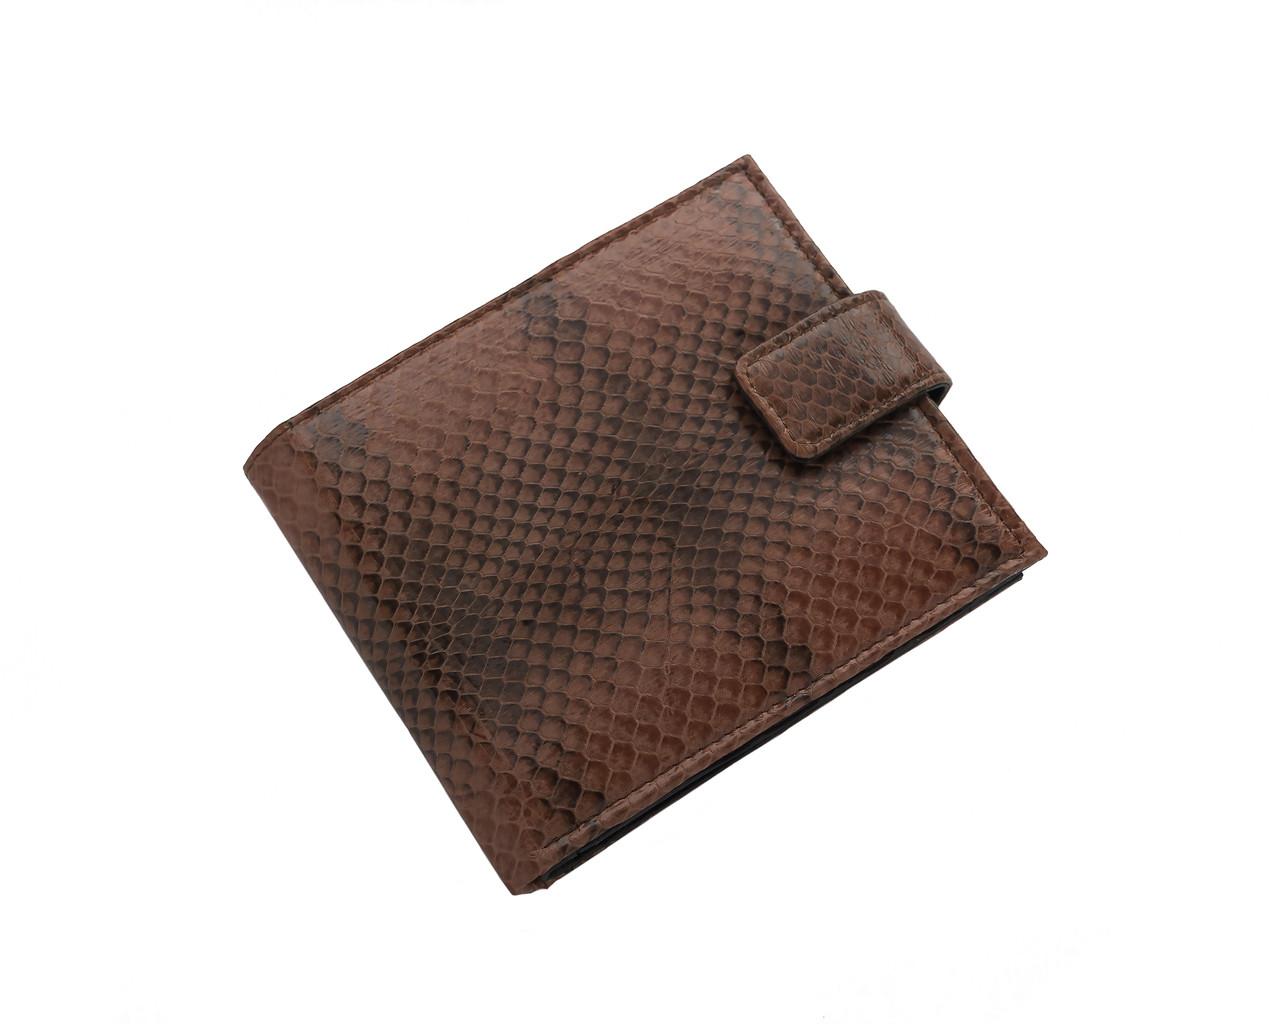 Кошелек из кожи морской змеи Ekzotic Leather  Коричневый (snw61_3)